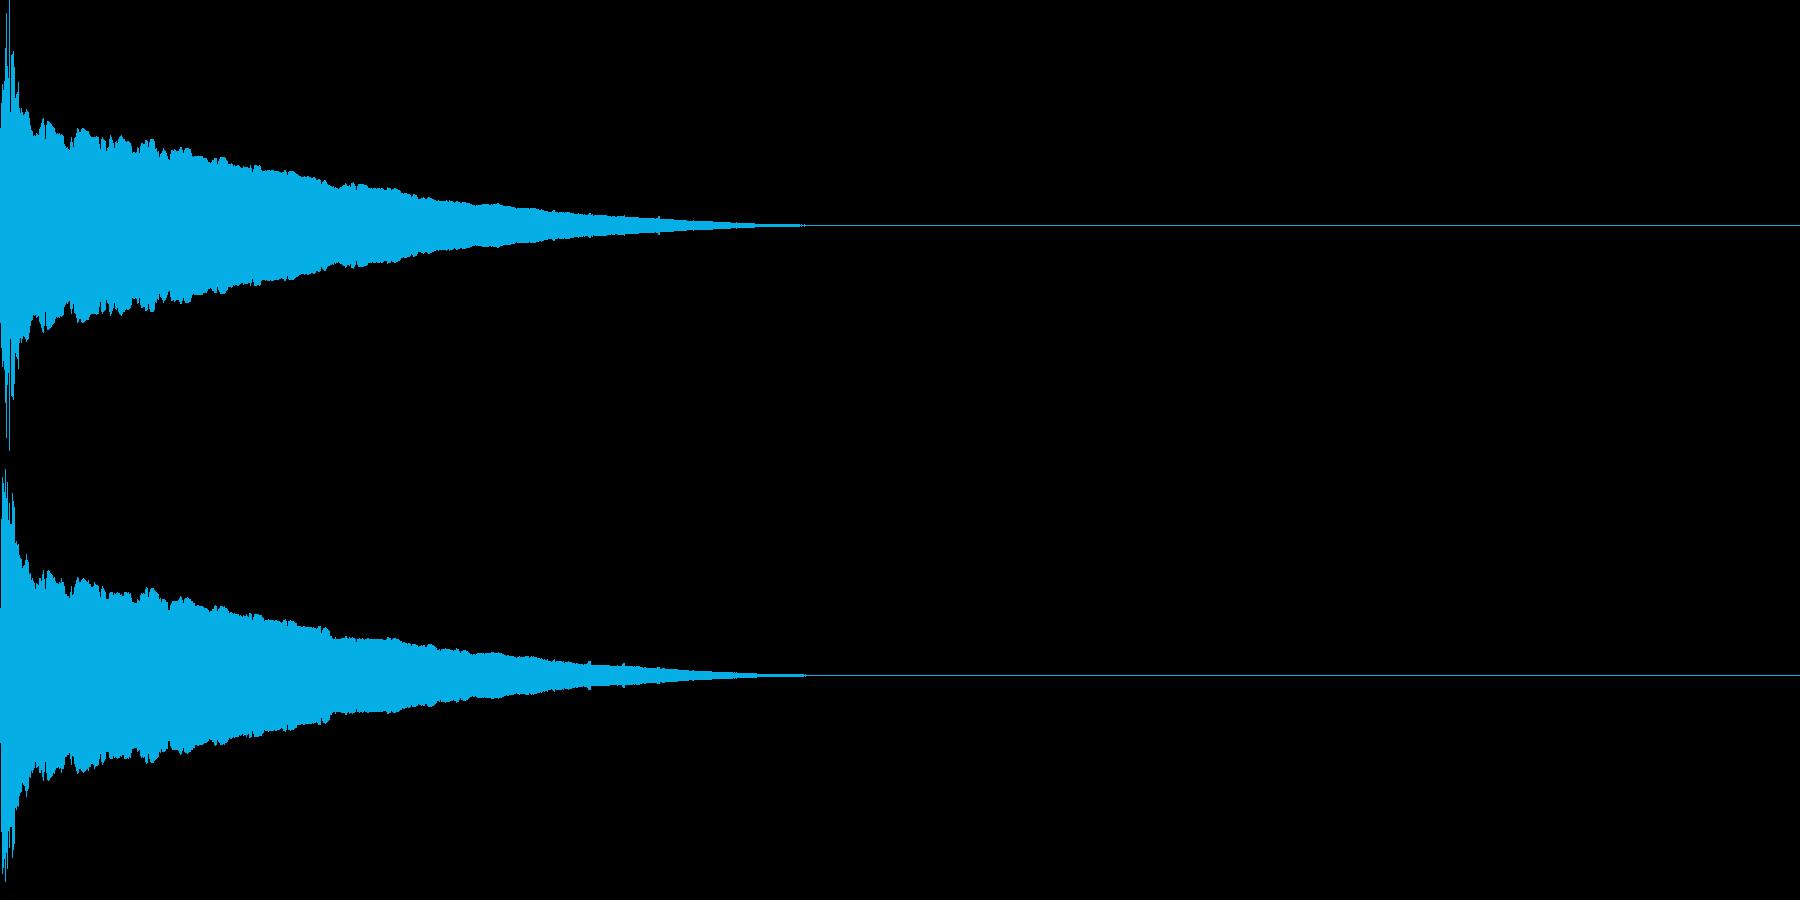 ピューン(低下_連続)の再生済みの波形